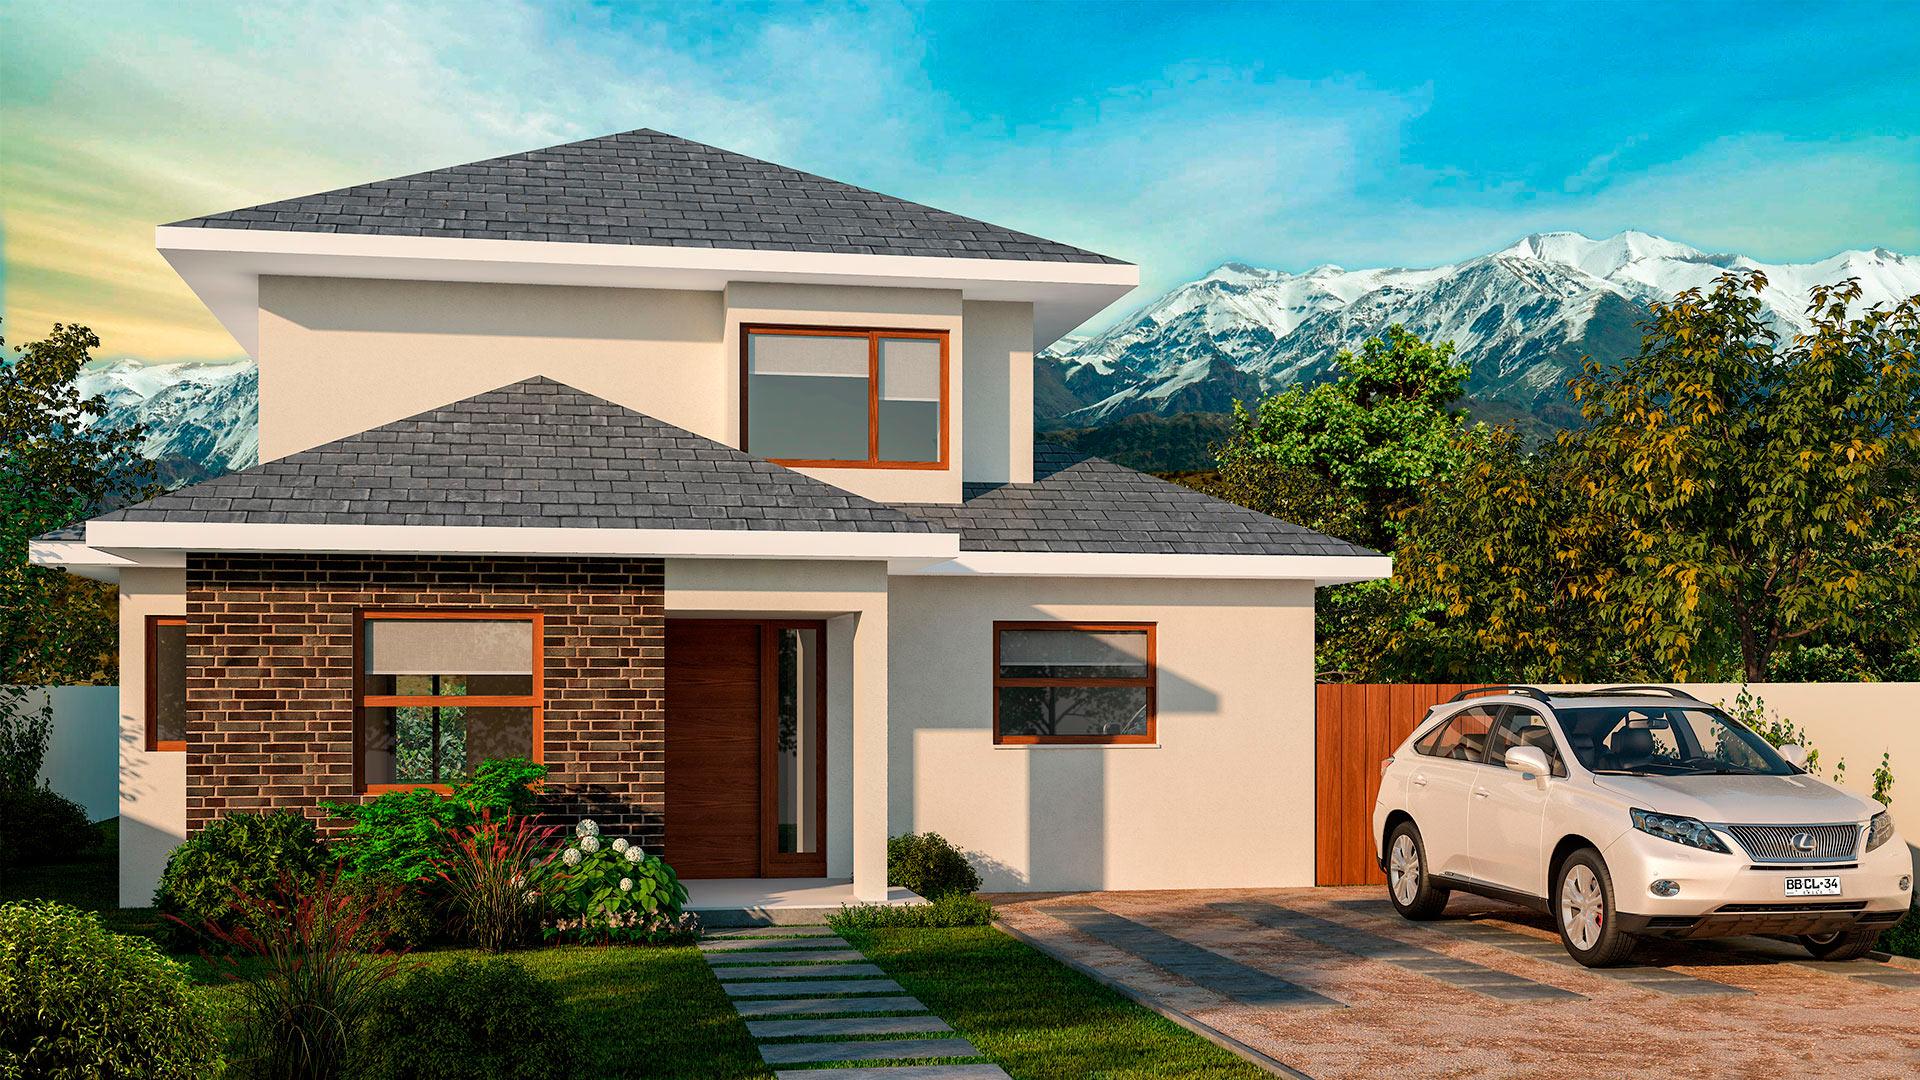 Proyectos en pe alol n - Proyectos casas nuevas ...